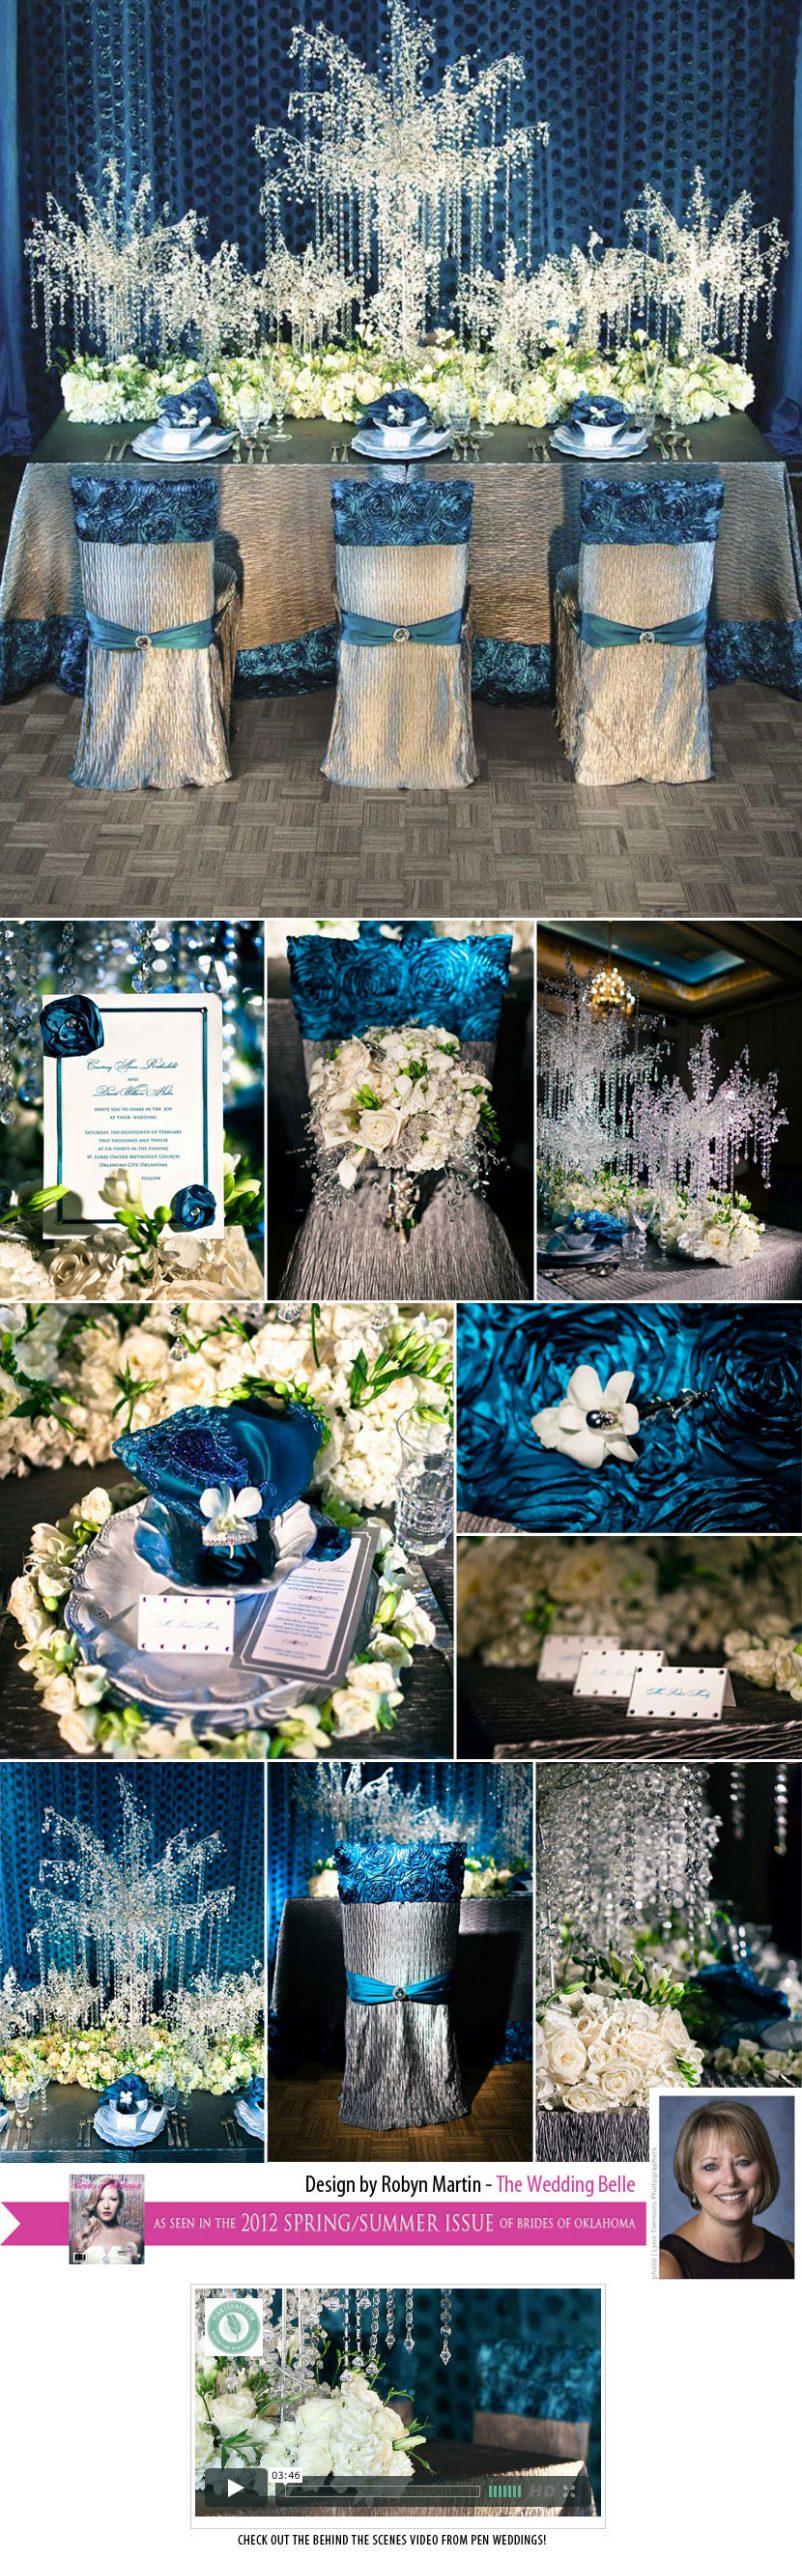 WeddingBelleTabletop